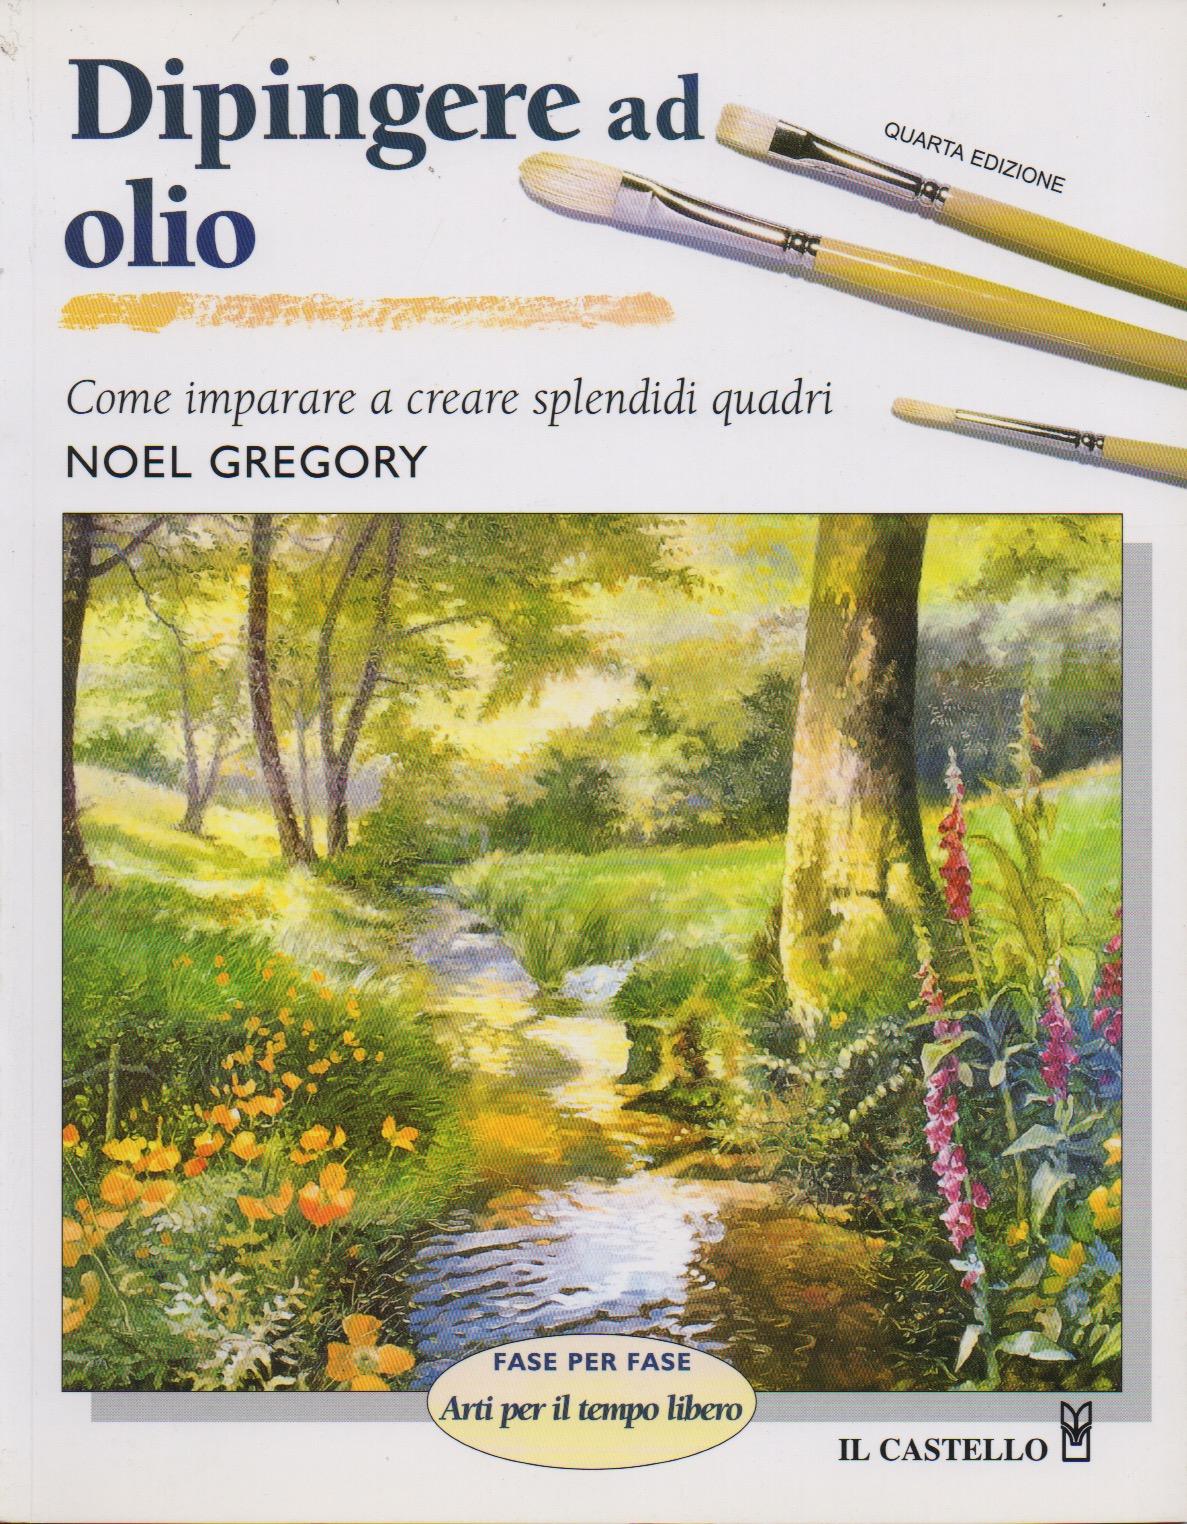 Dipingere ad olio